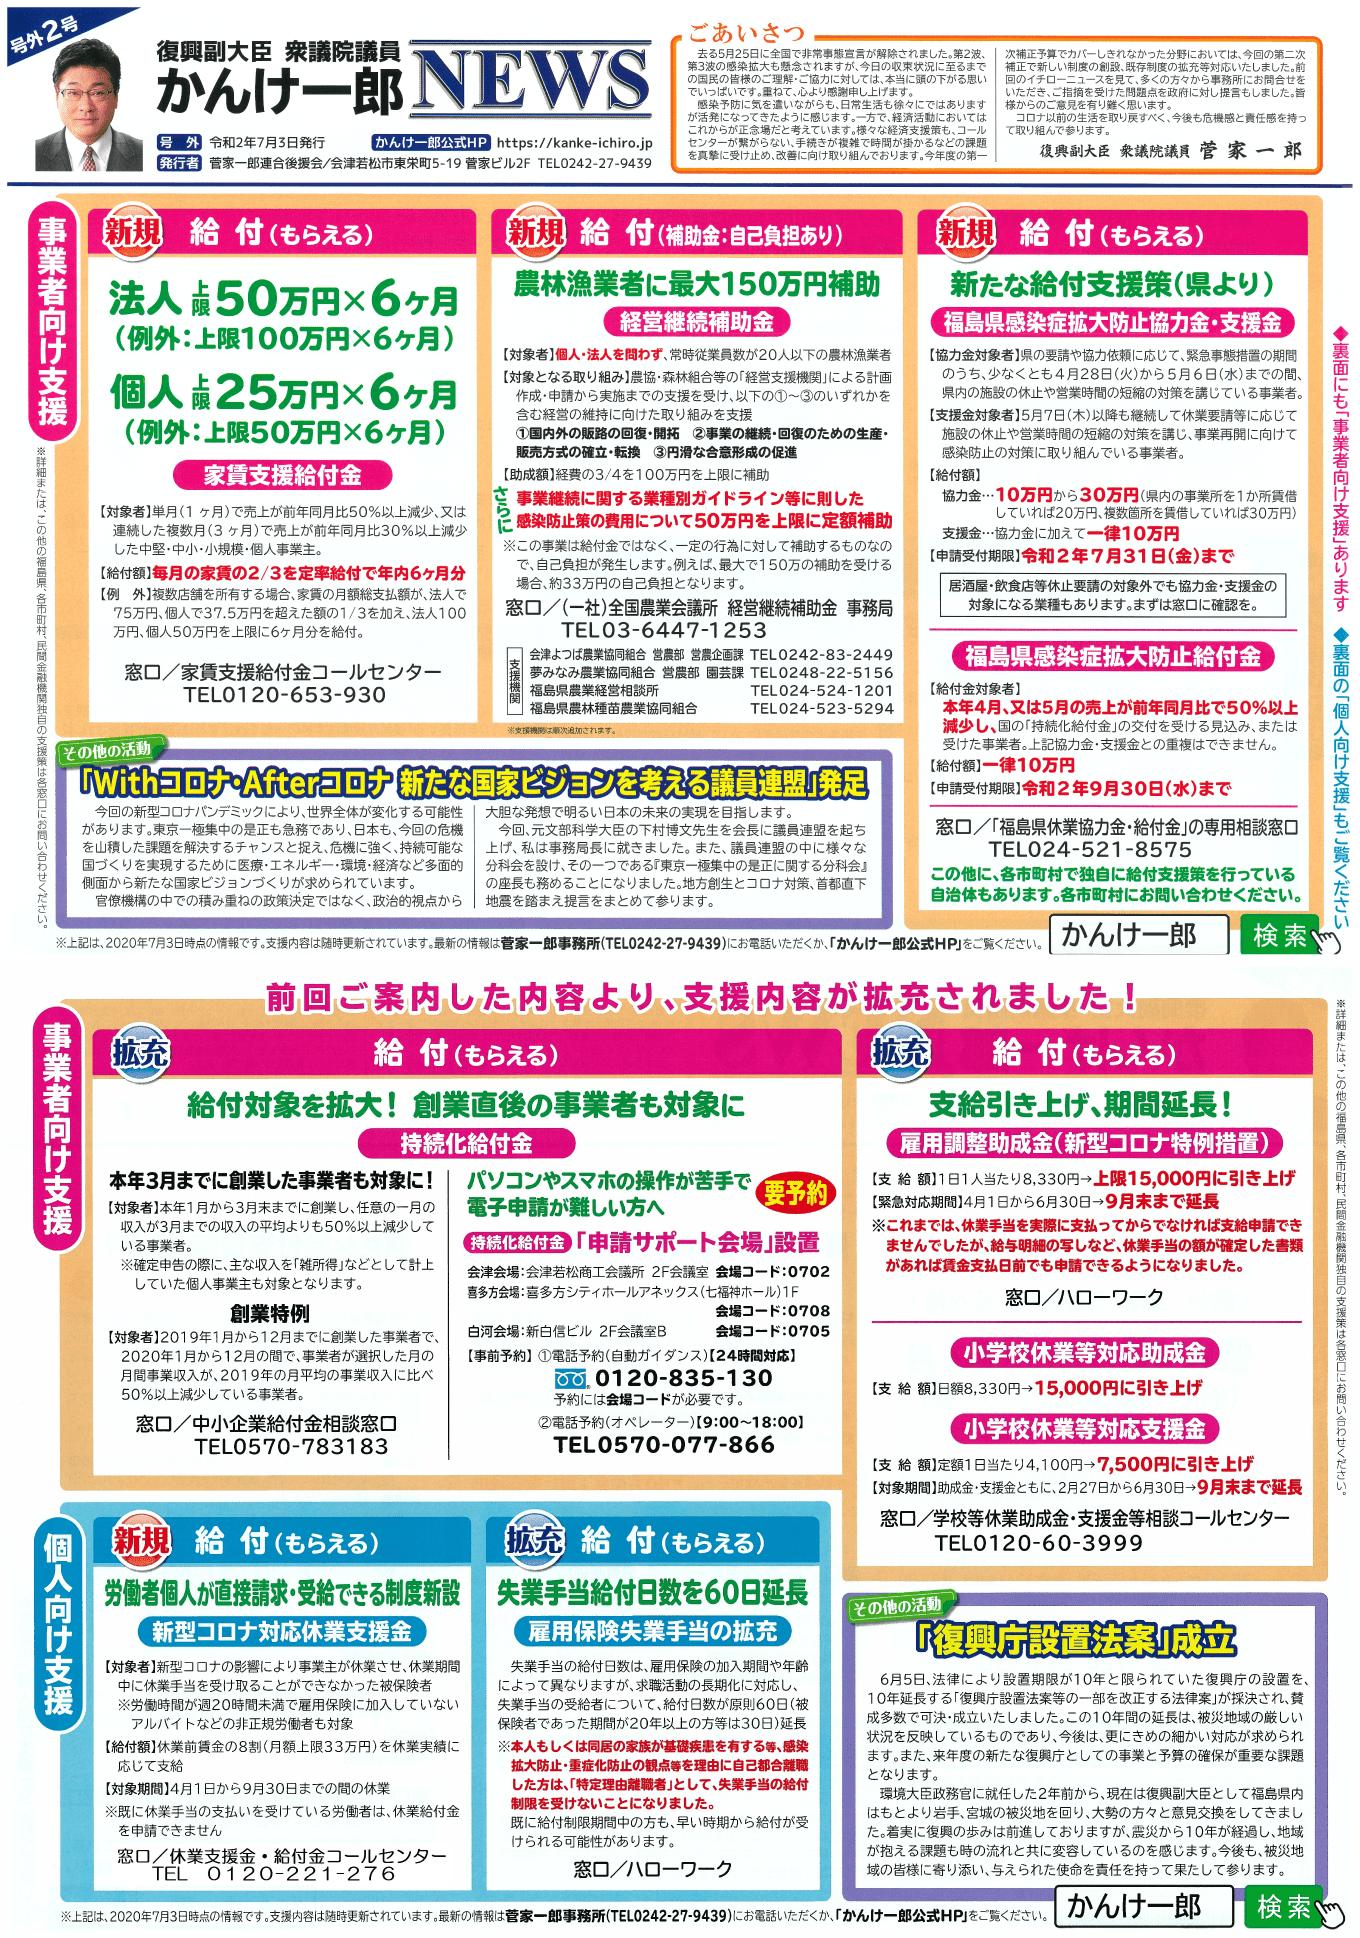 菅家一郎ニュース 号外2号